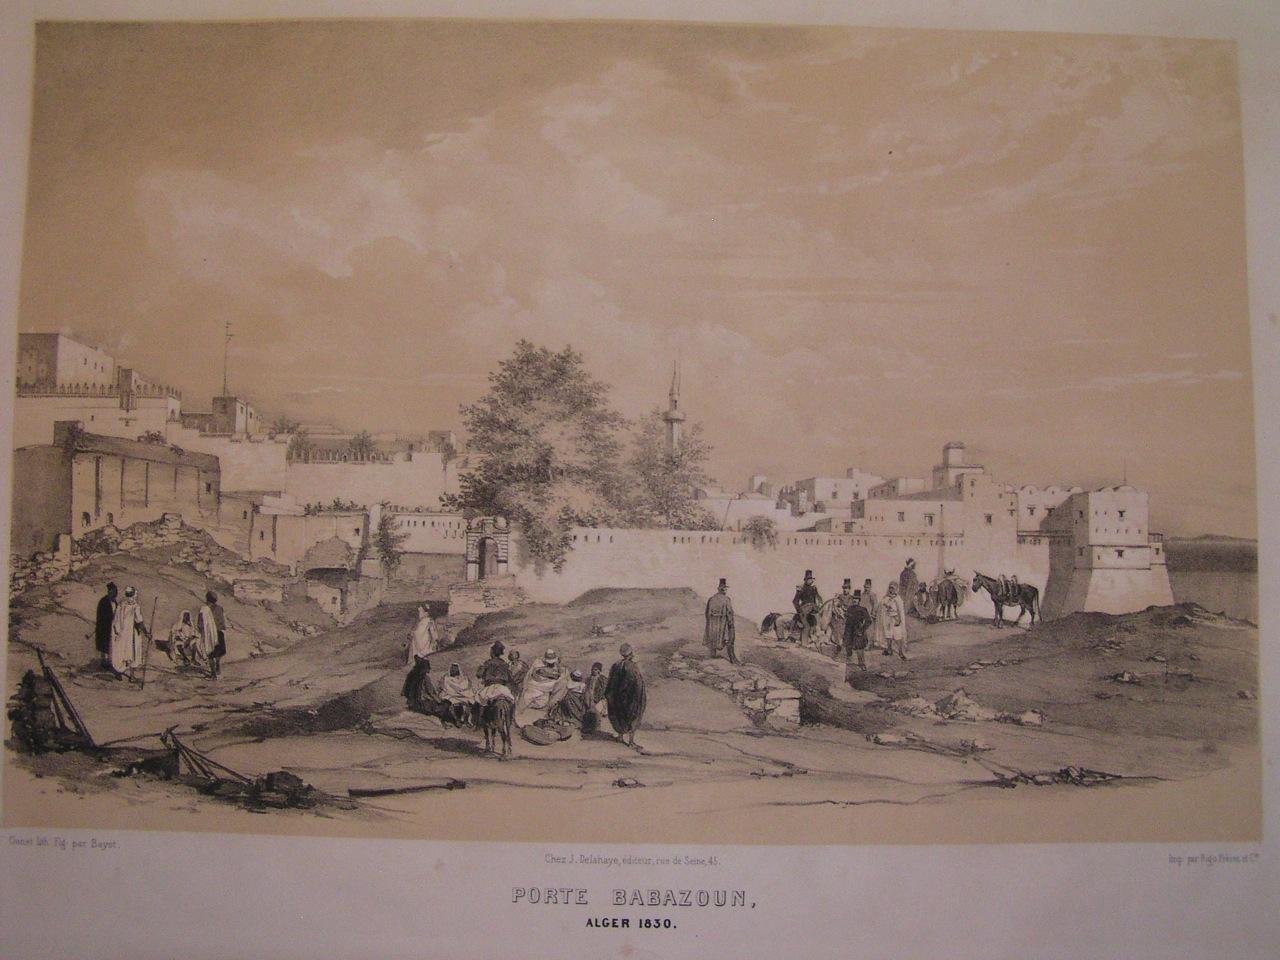 ALGÉRIE : PORTE BABAZOUN : Algérie, afrique du nord, orientalism